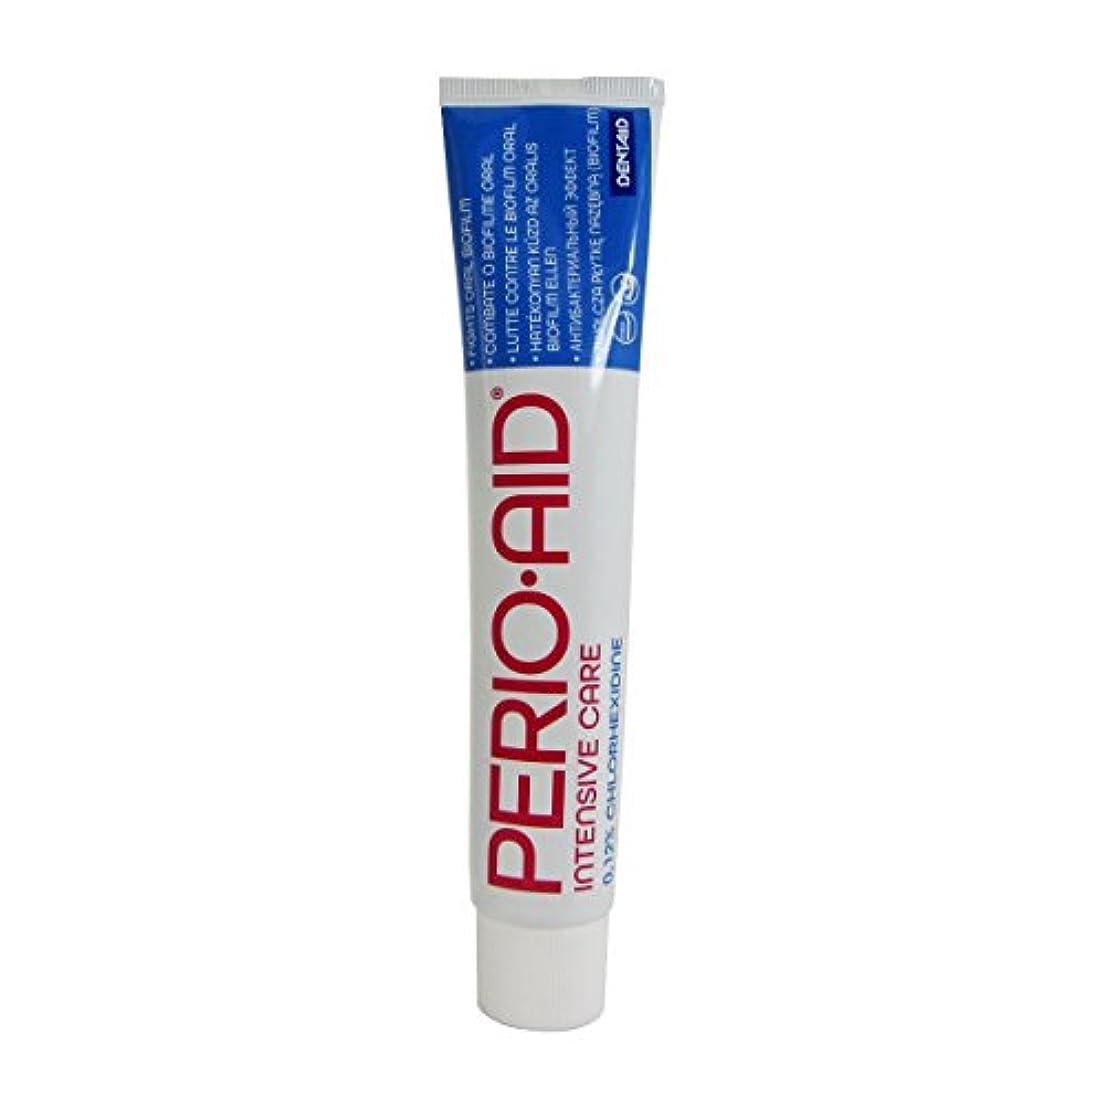 サイクル正当なはねかけるPerio-aid Treatment Gel Toothpaste 75ml [並行輸入品]